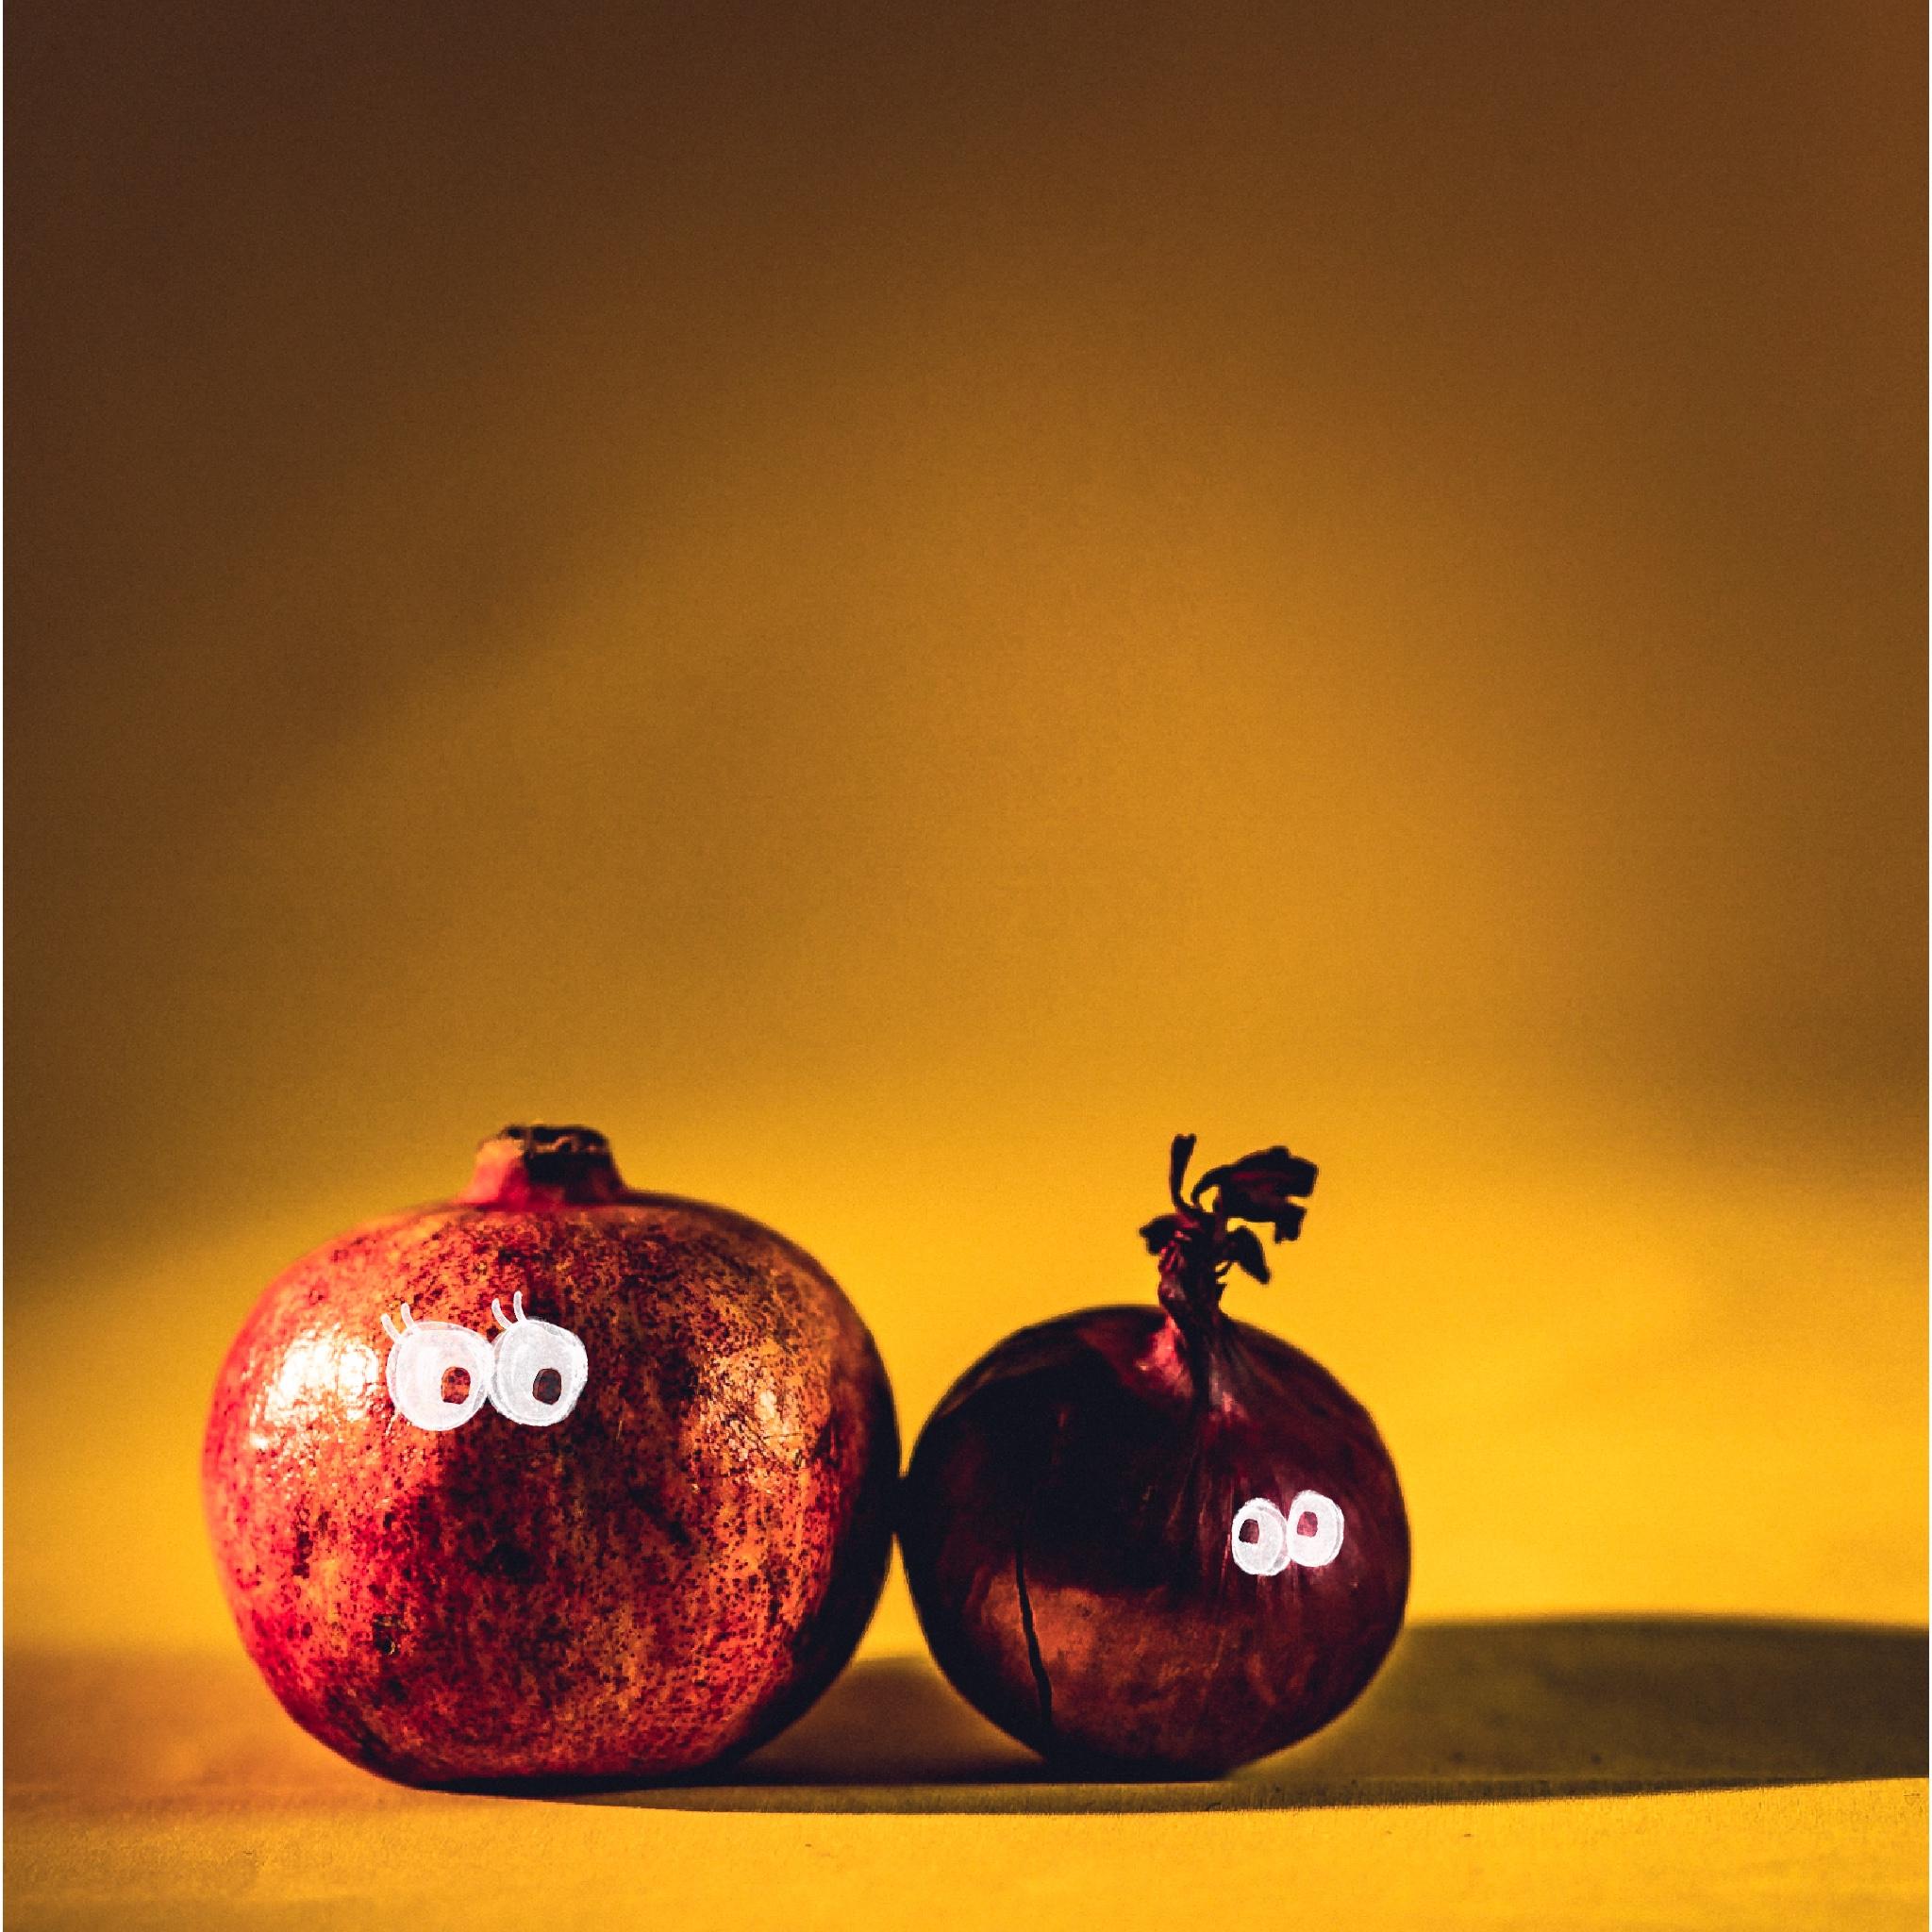 Ein Granatapfel & eine Zwiebel mit Augen als Symbol für LGBTIQ+-Hochzeit